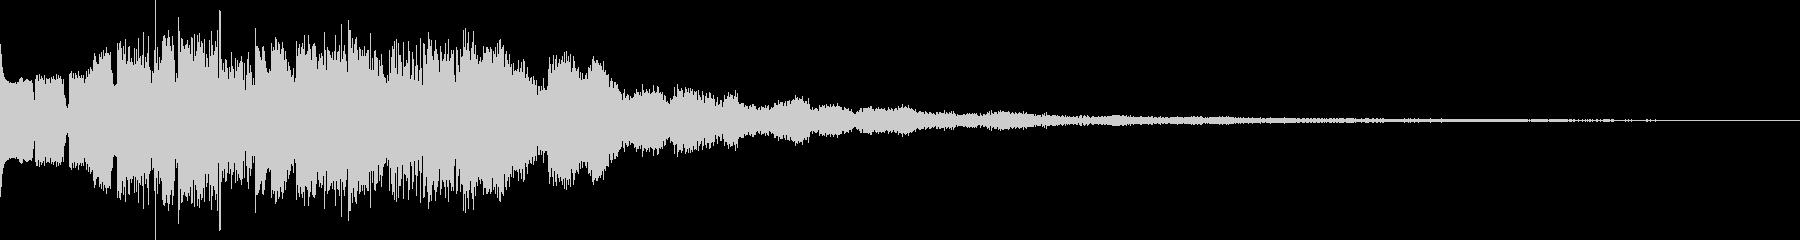 ピコキラキラ_01の未再生の波形